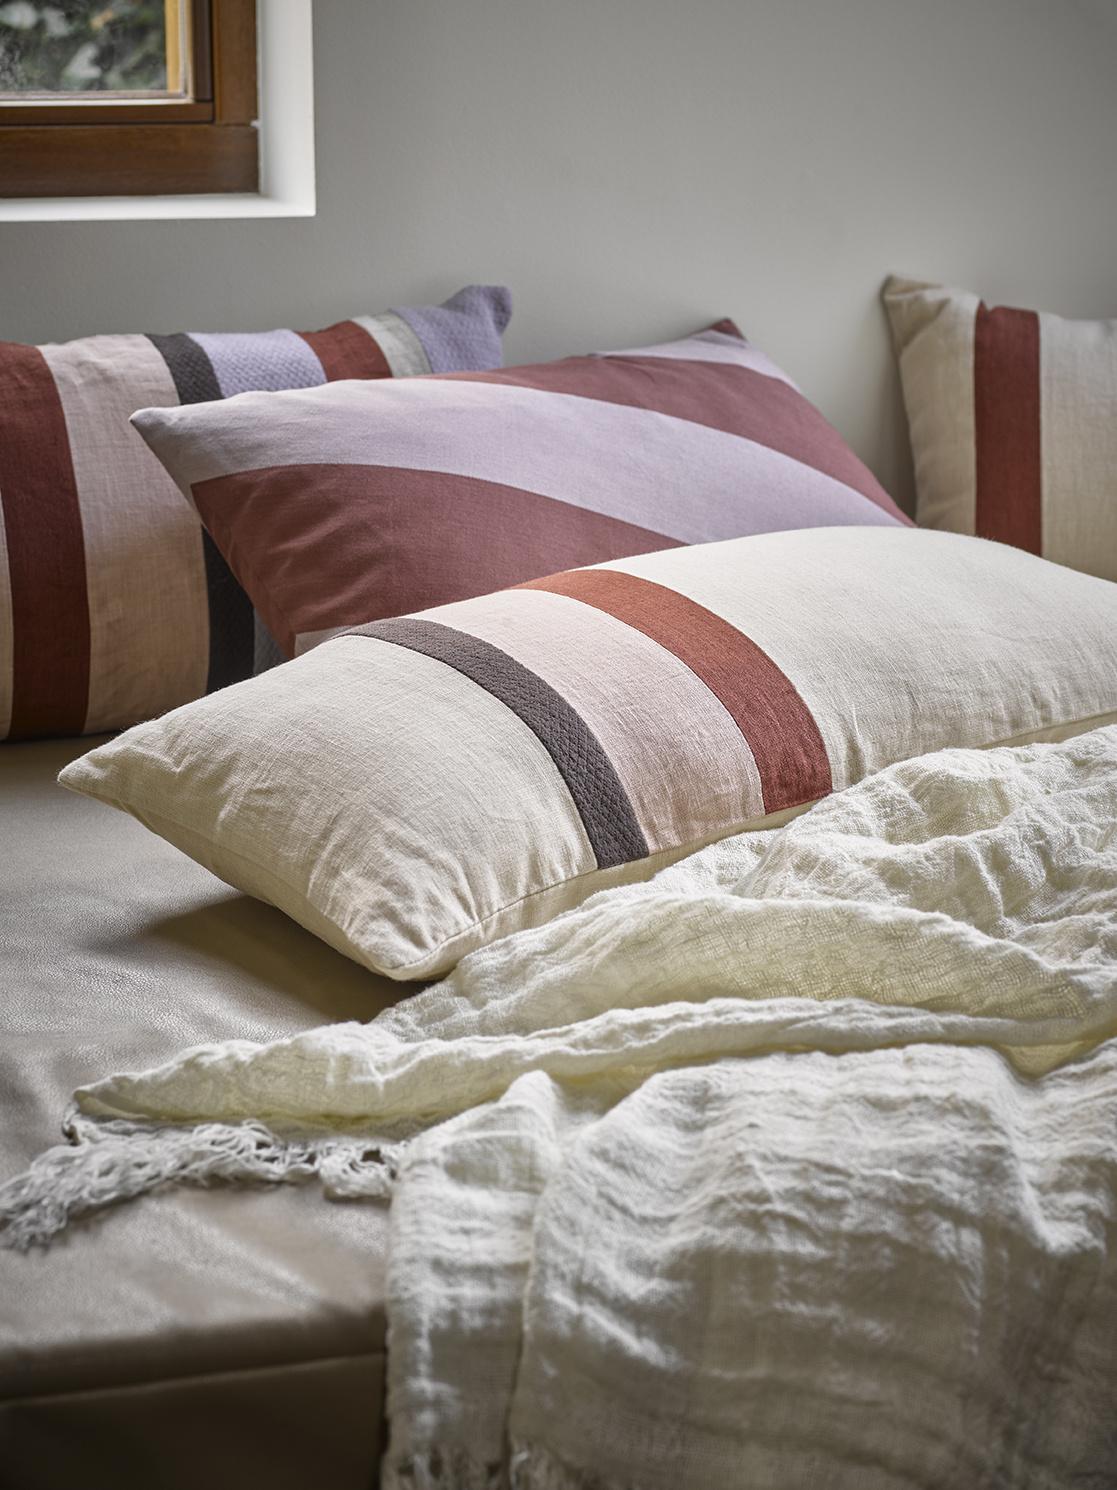 Bedsprei linen bedspread white 270x270-2